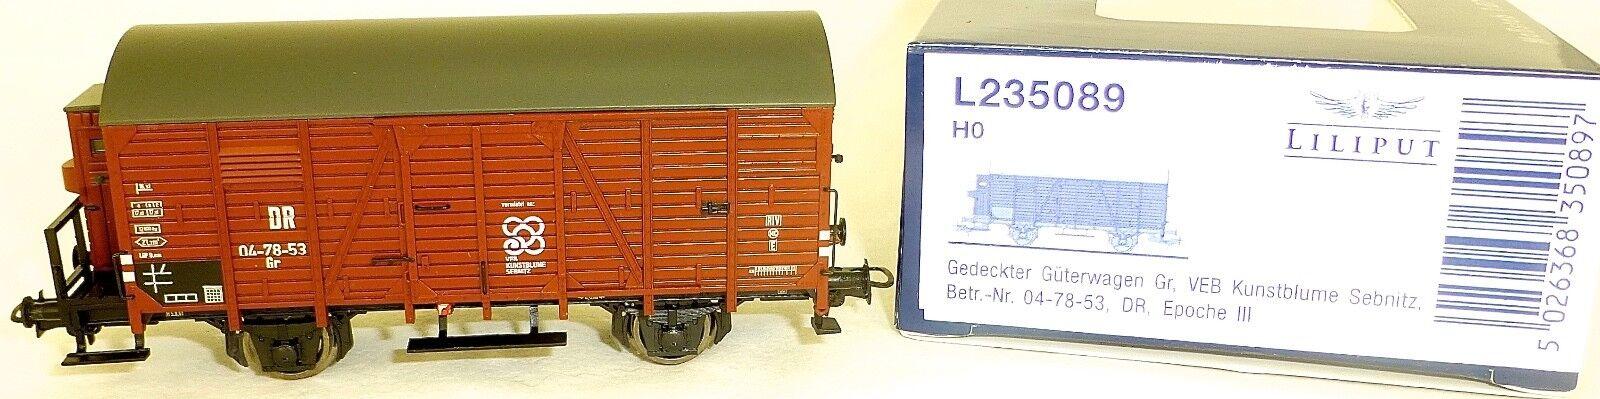 VEB Kunstblueme geschlossener Güterwagen DR Liliput L235089 H0 1 87 OVP KC2 å